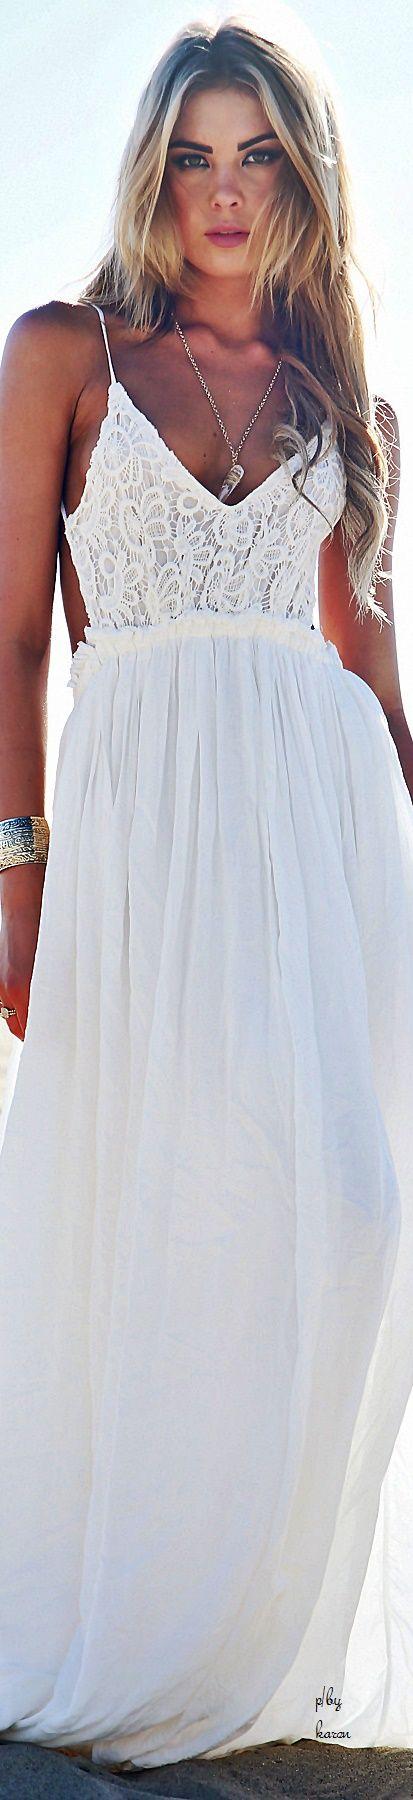 Camilla Open Back Crochet Maxi Dress - White                                                                                                                                                                                 More